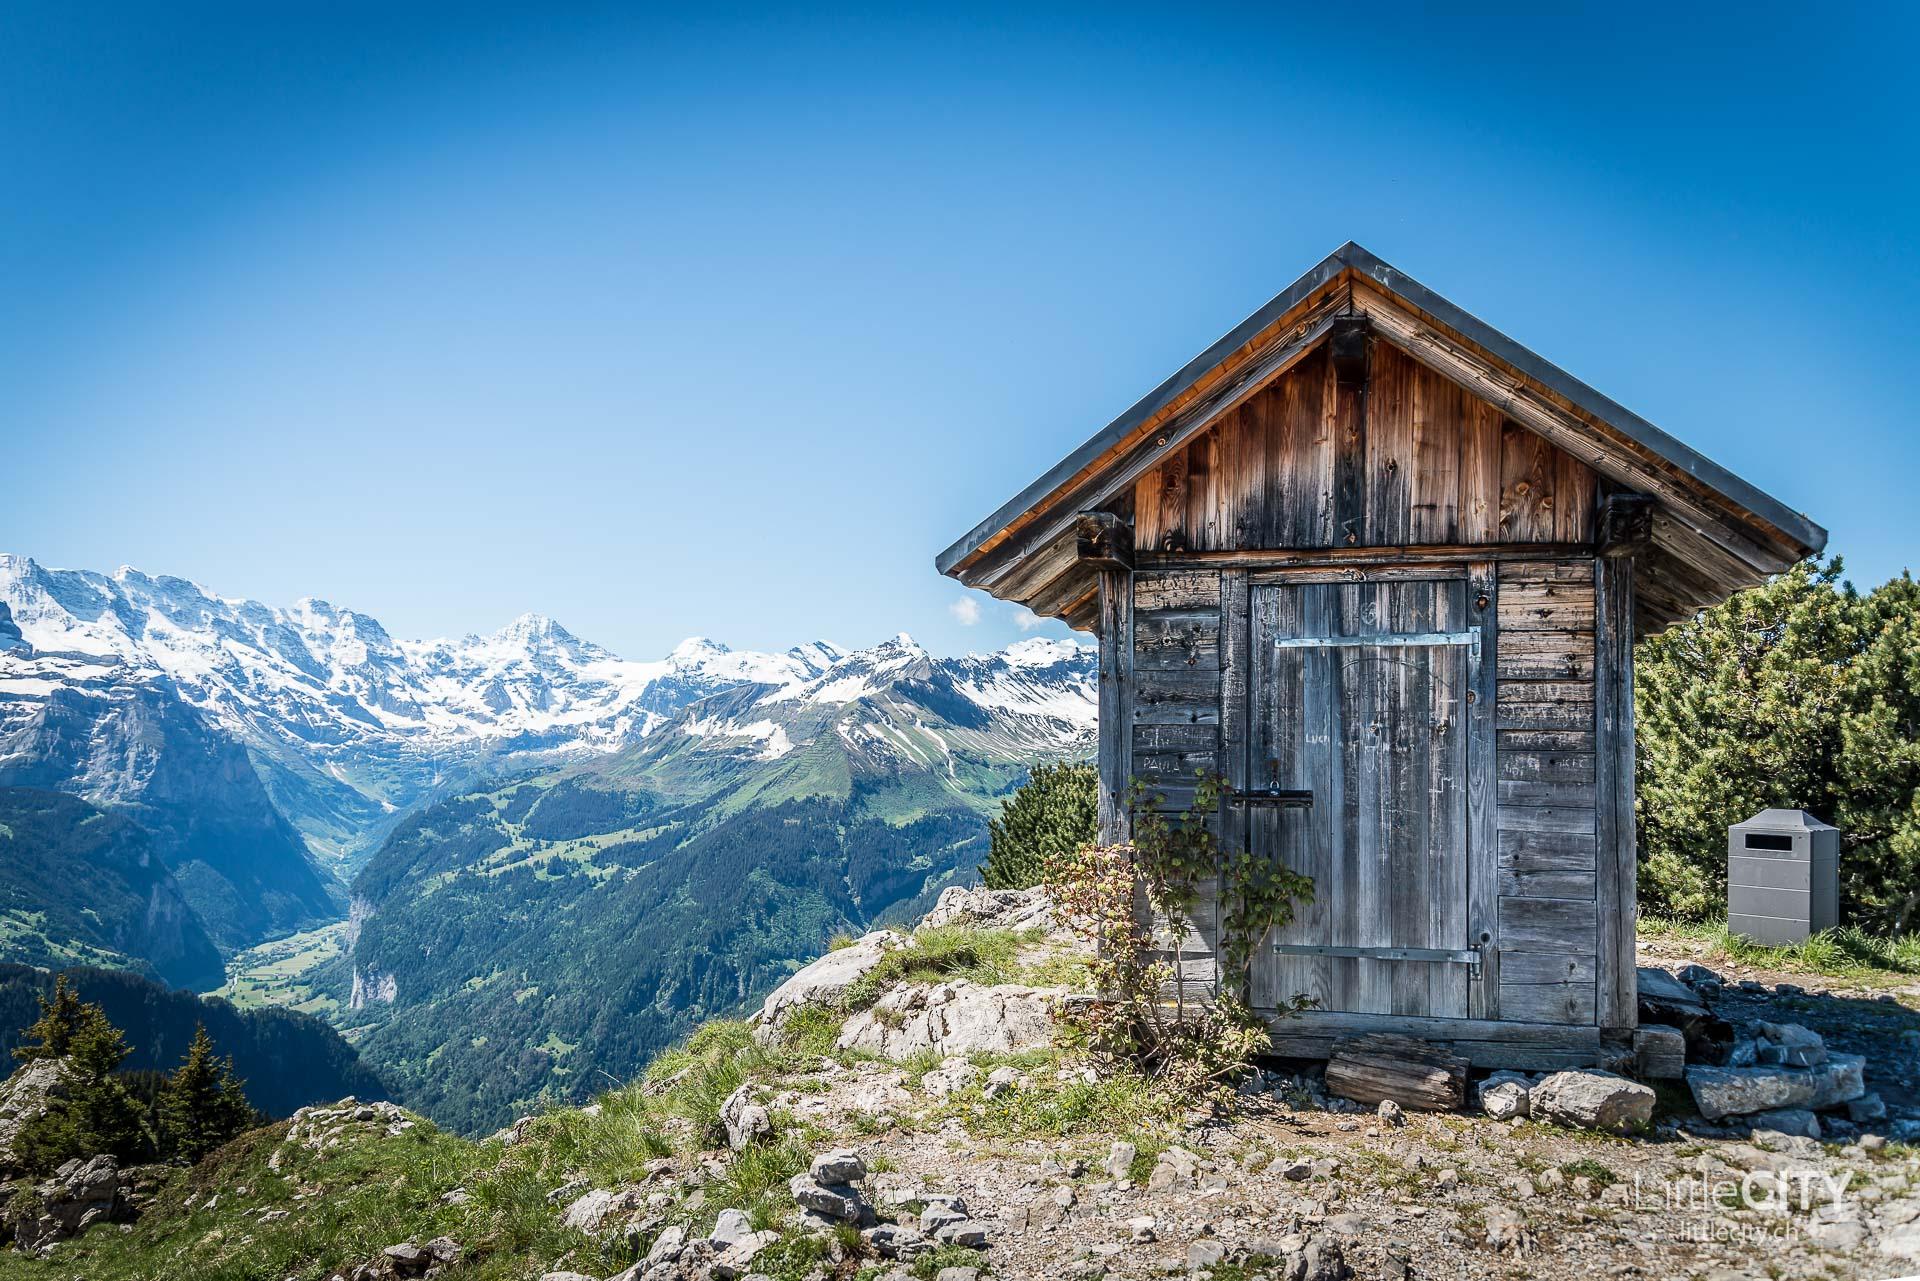 Schynige Platte Wanderung Jungfrau Bahnen LittleCITY-12